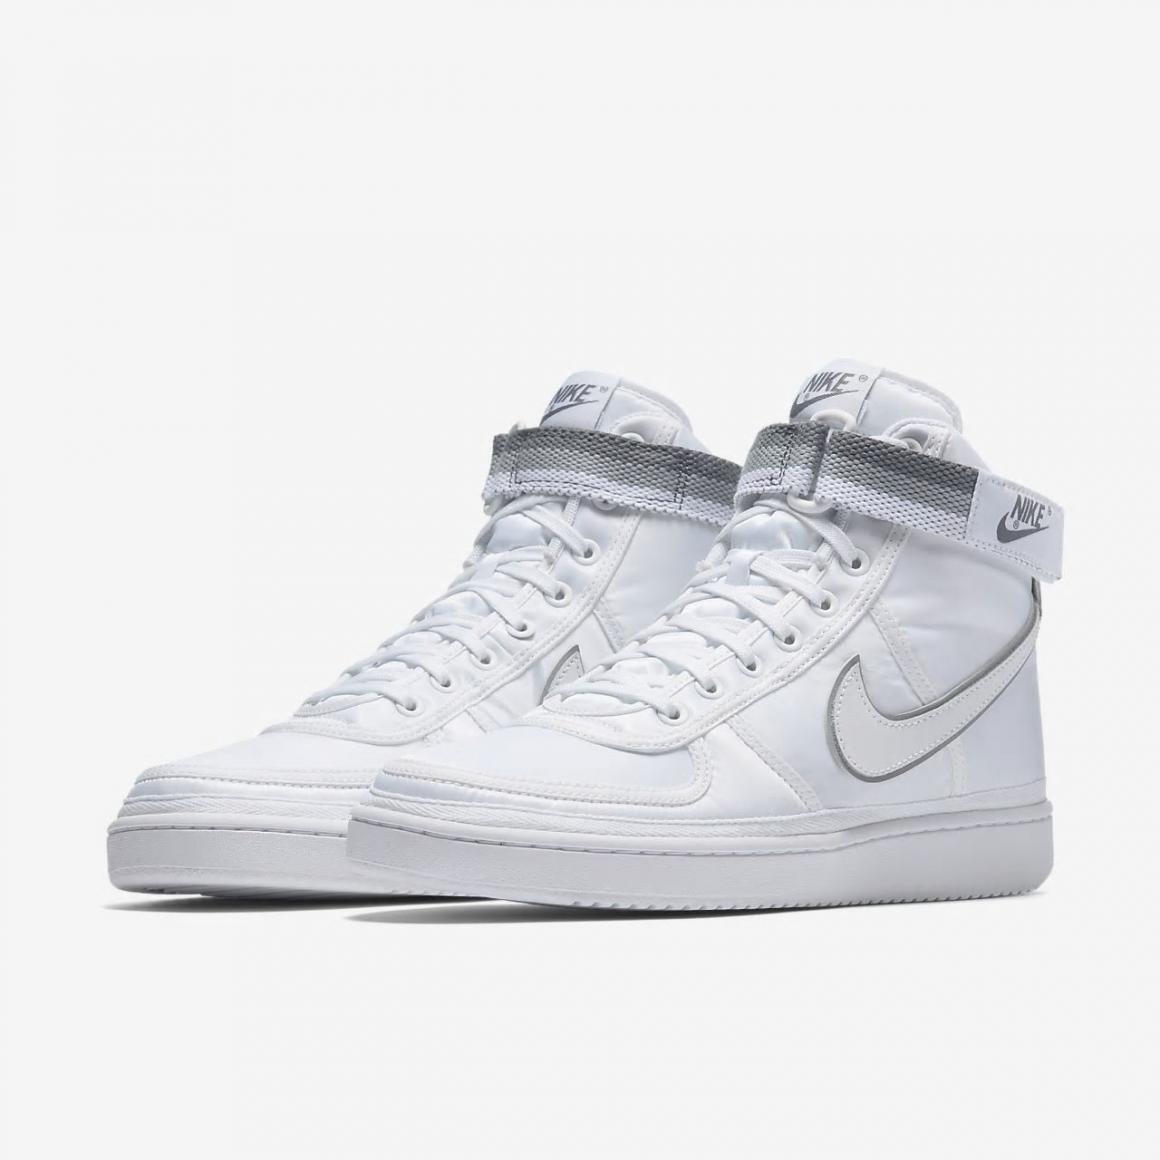 Mens nike vandalo alto supremo 318330-100 bianco   bianca nuove dimensioni 9.5 | Outlet Store Online  | Gentiluomo/Signora Scarpa